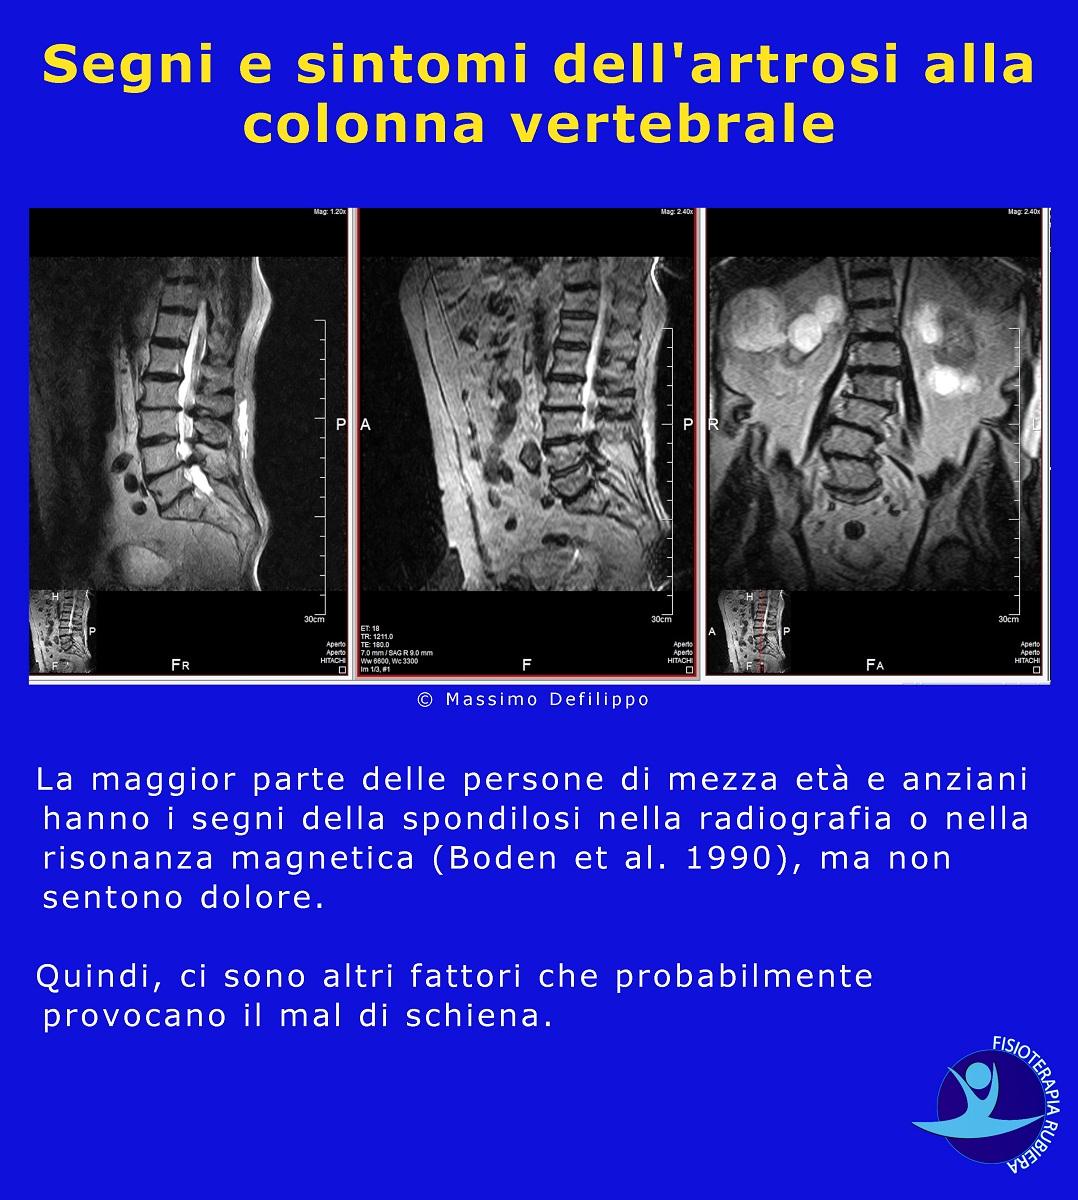 sintomi dell'artrosi alla colonna vertebrale